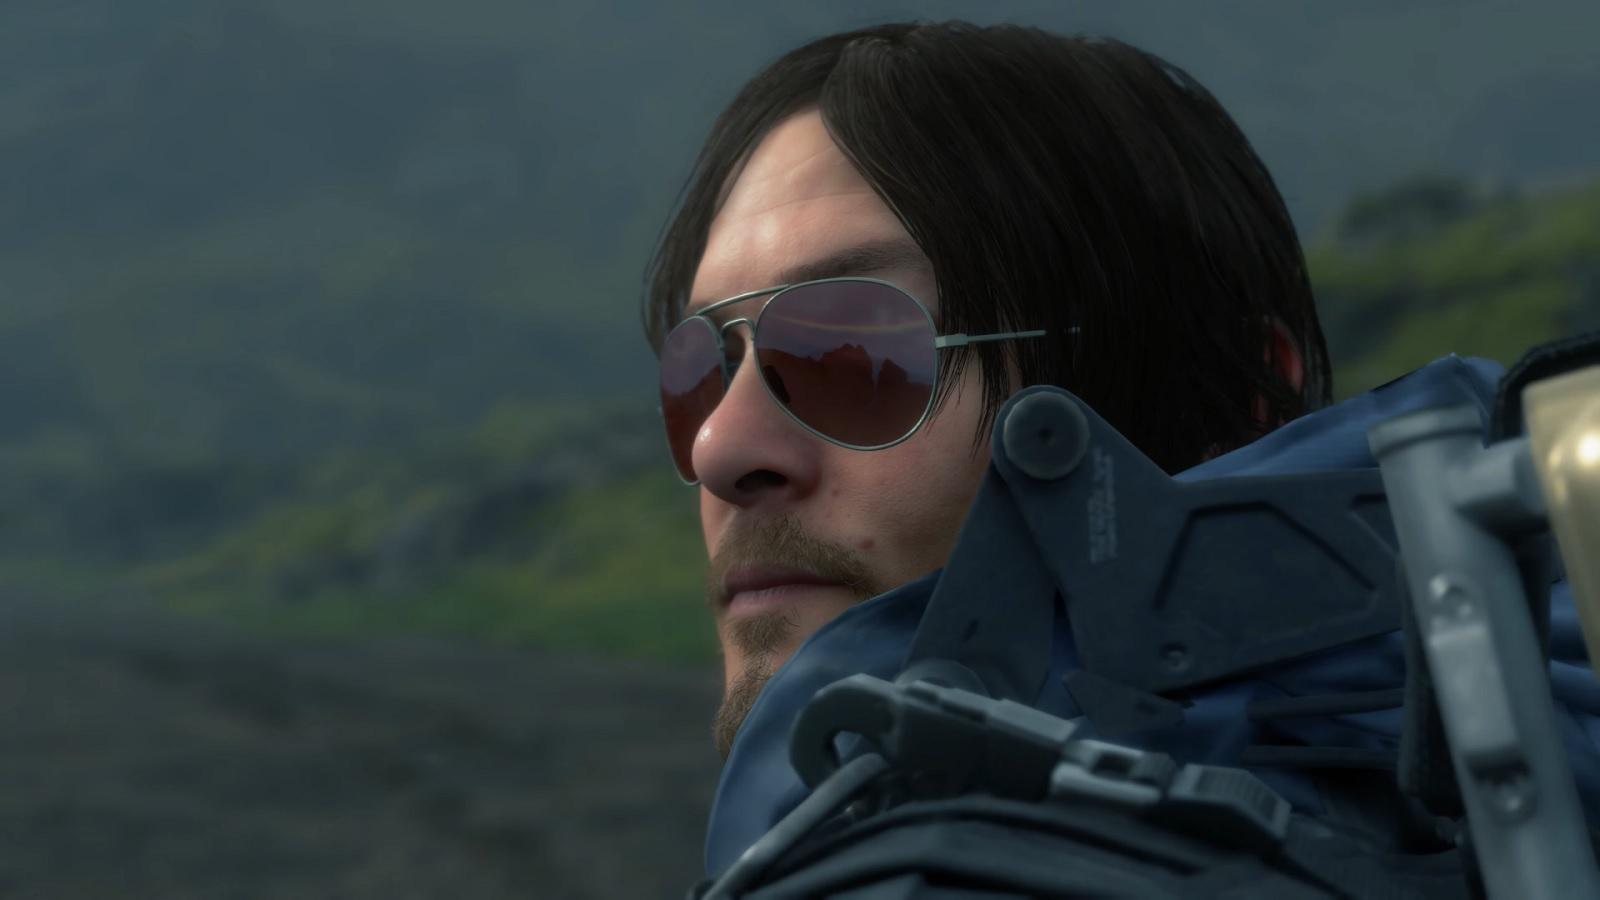 Контент, который мы заслужили: в ПК-версию Death Stranding добавили миссии и предметы по мотивам Cyberpunk 2077